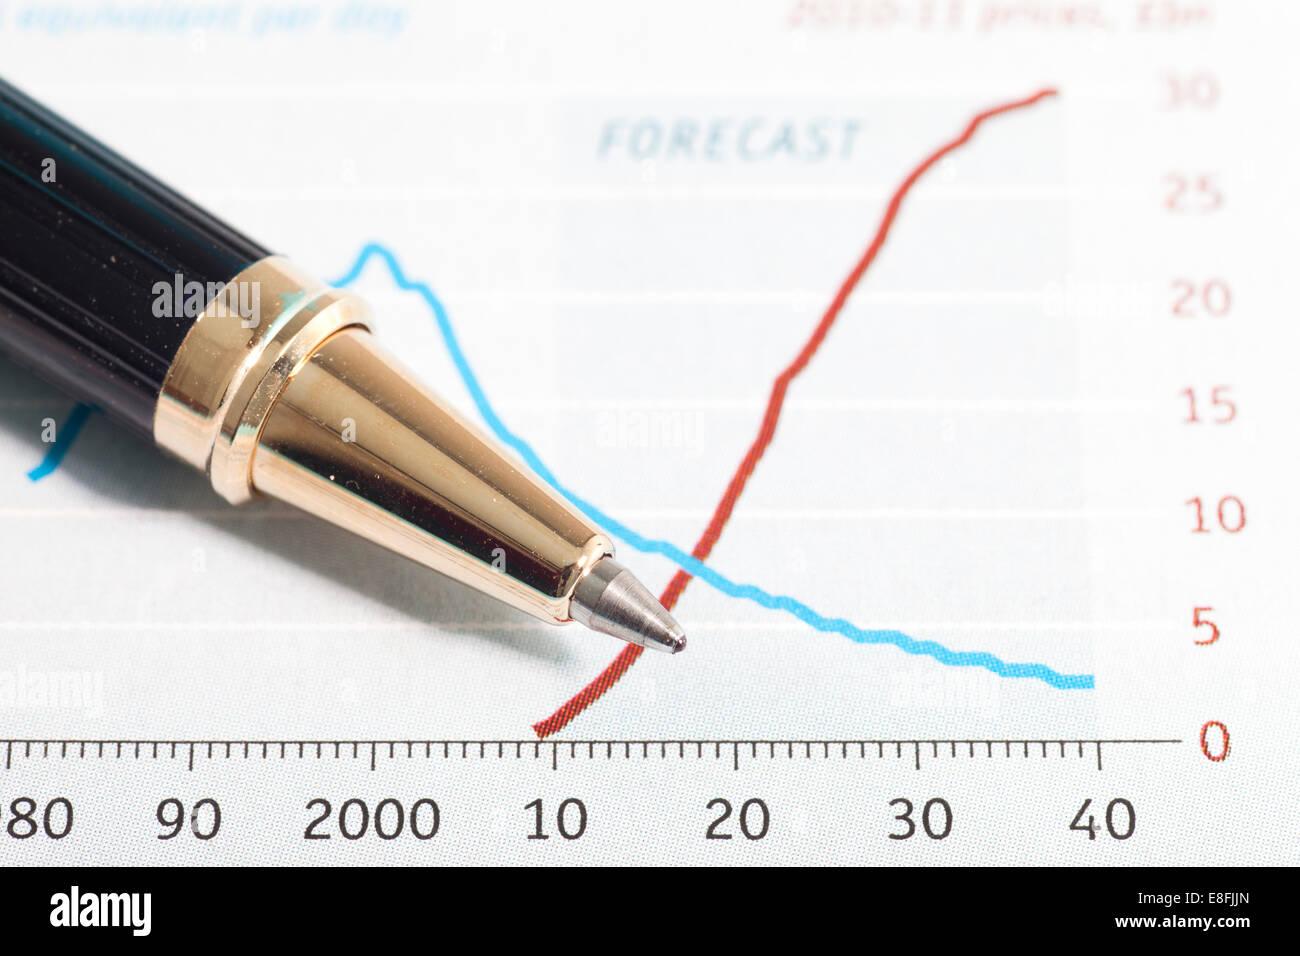 Grafico finanziario e penna Immagini Stock